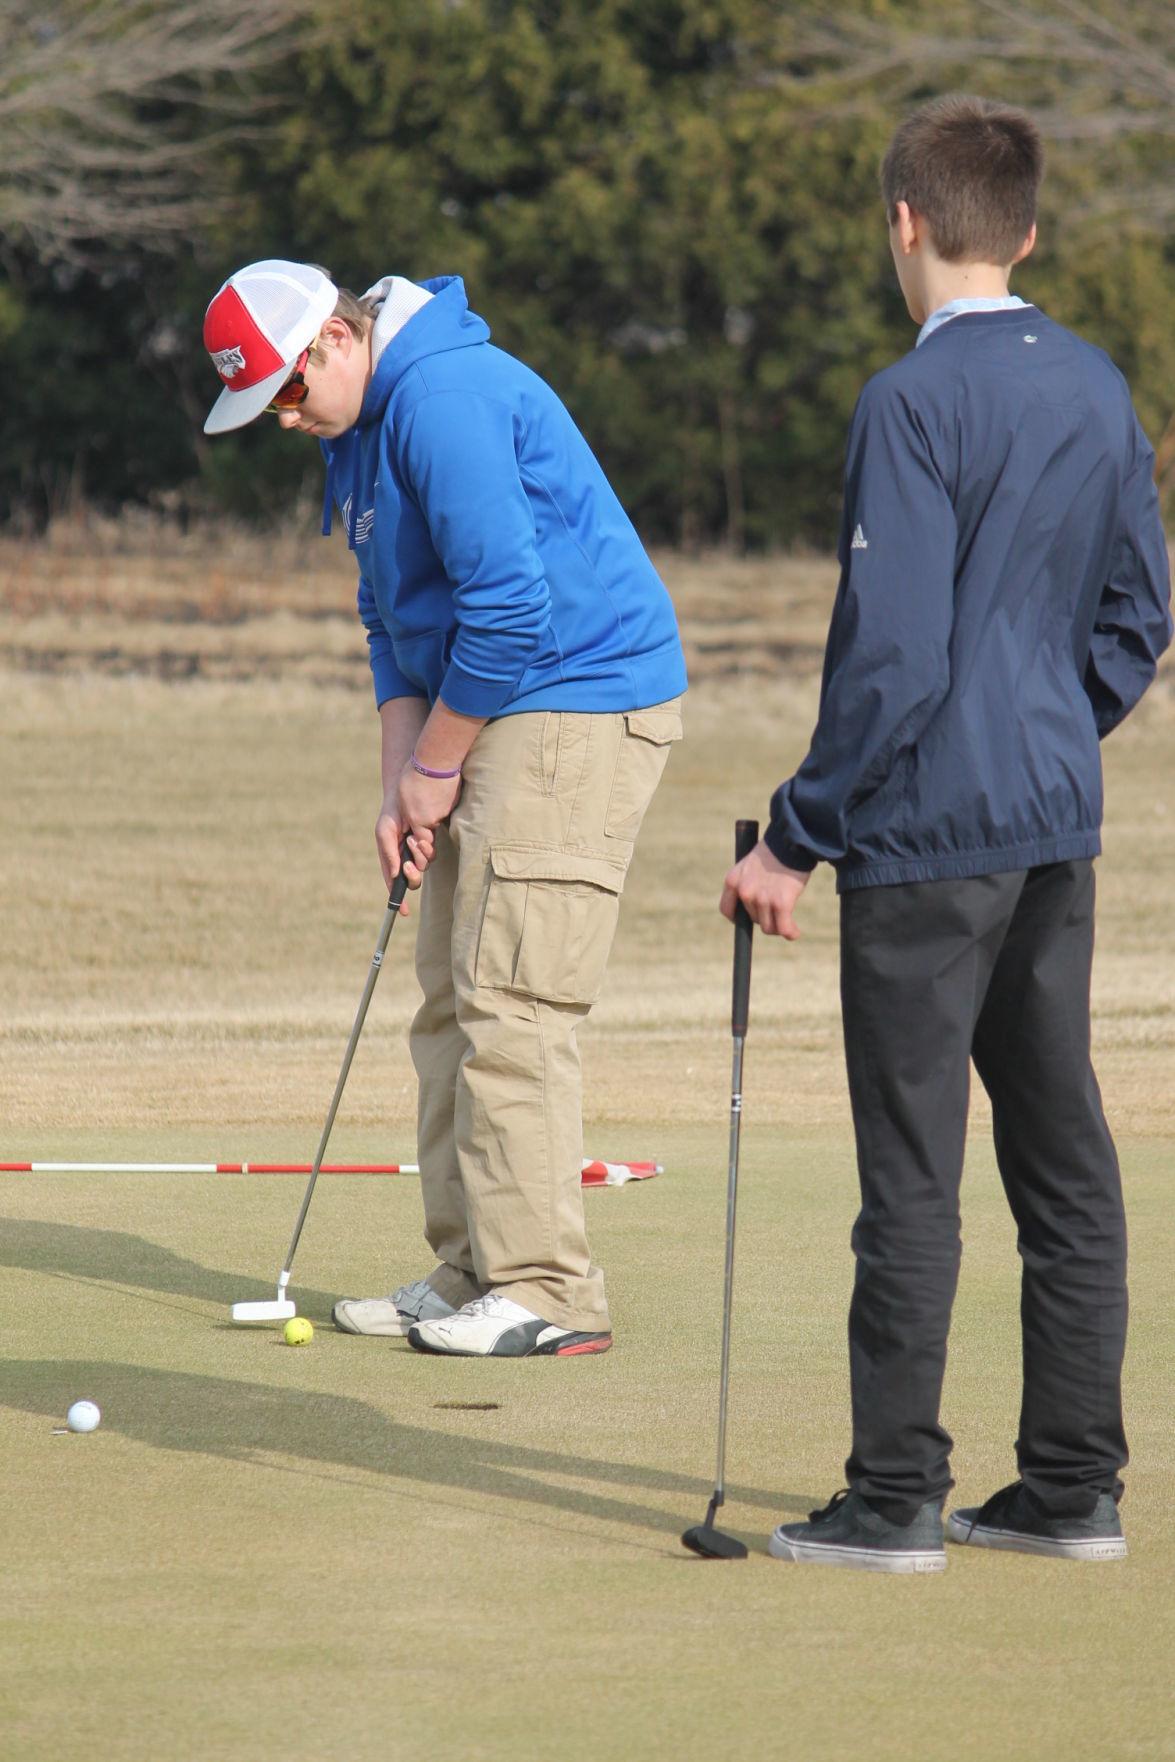 golf meet 4-5-19 034.JPG